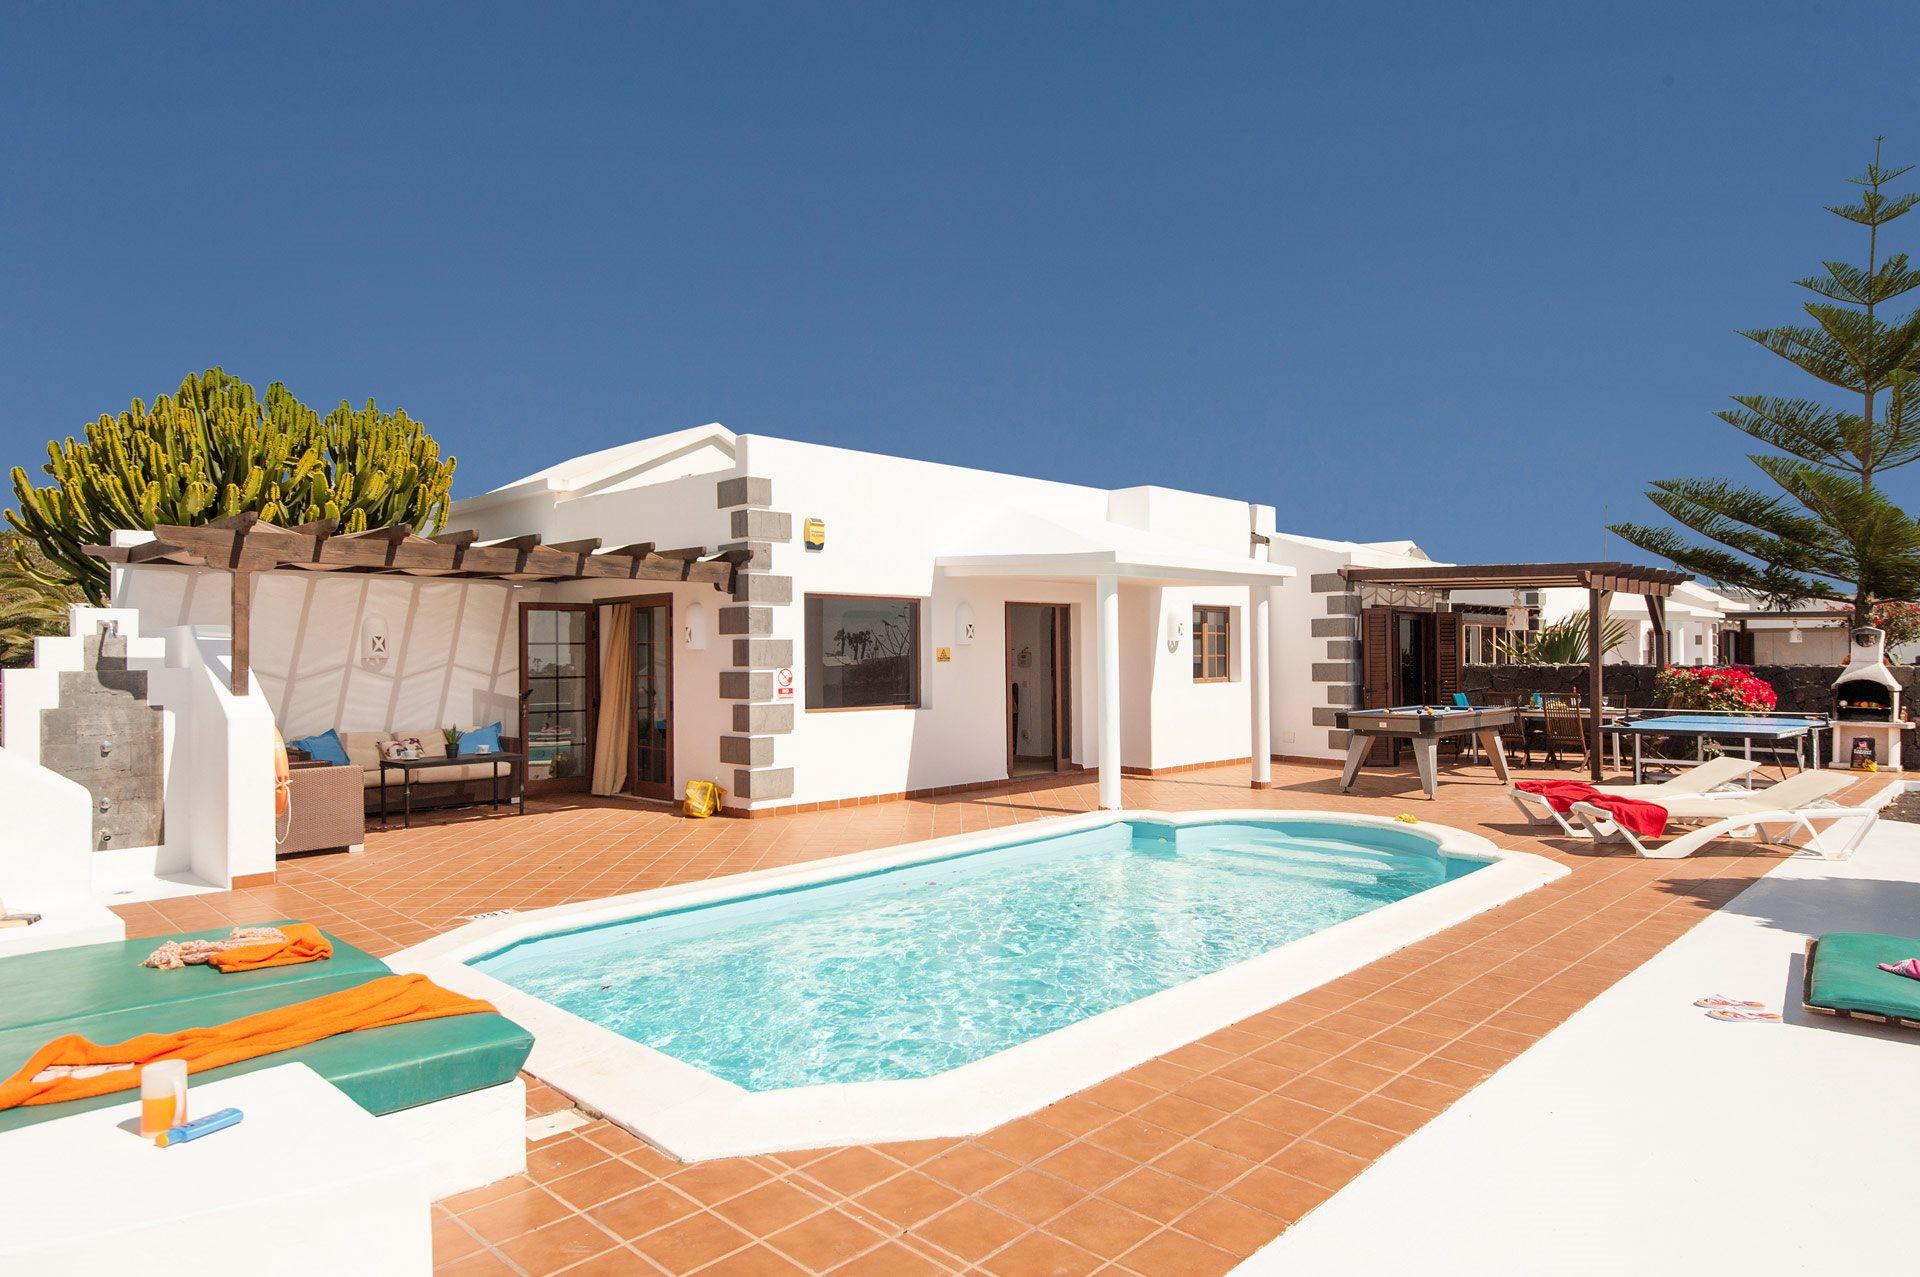 Villa Rey, Playa Blanca, Lanzarote